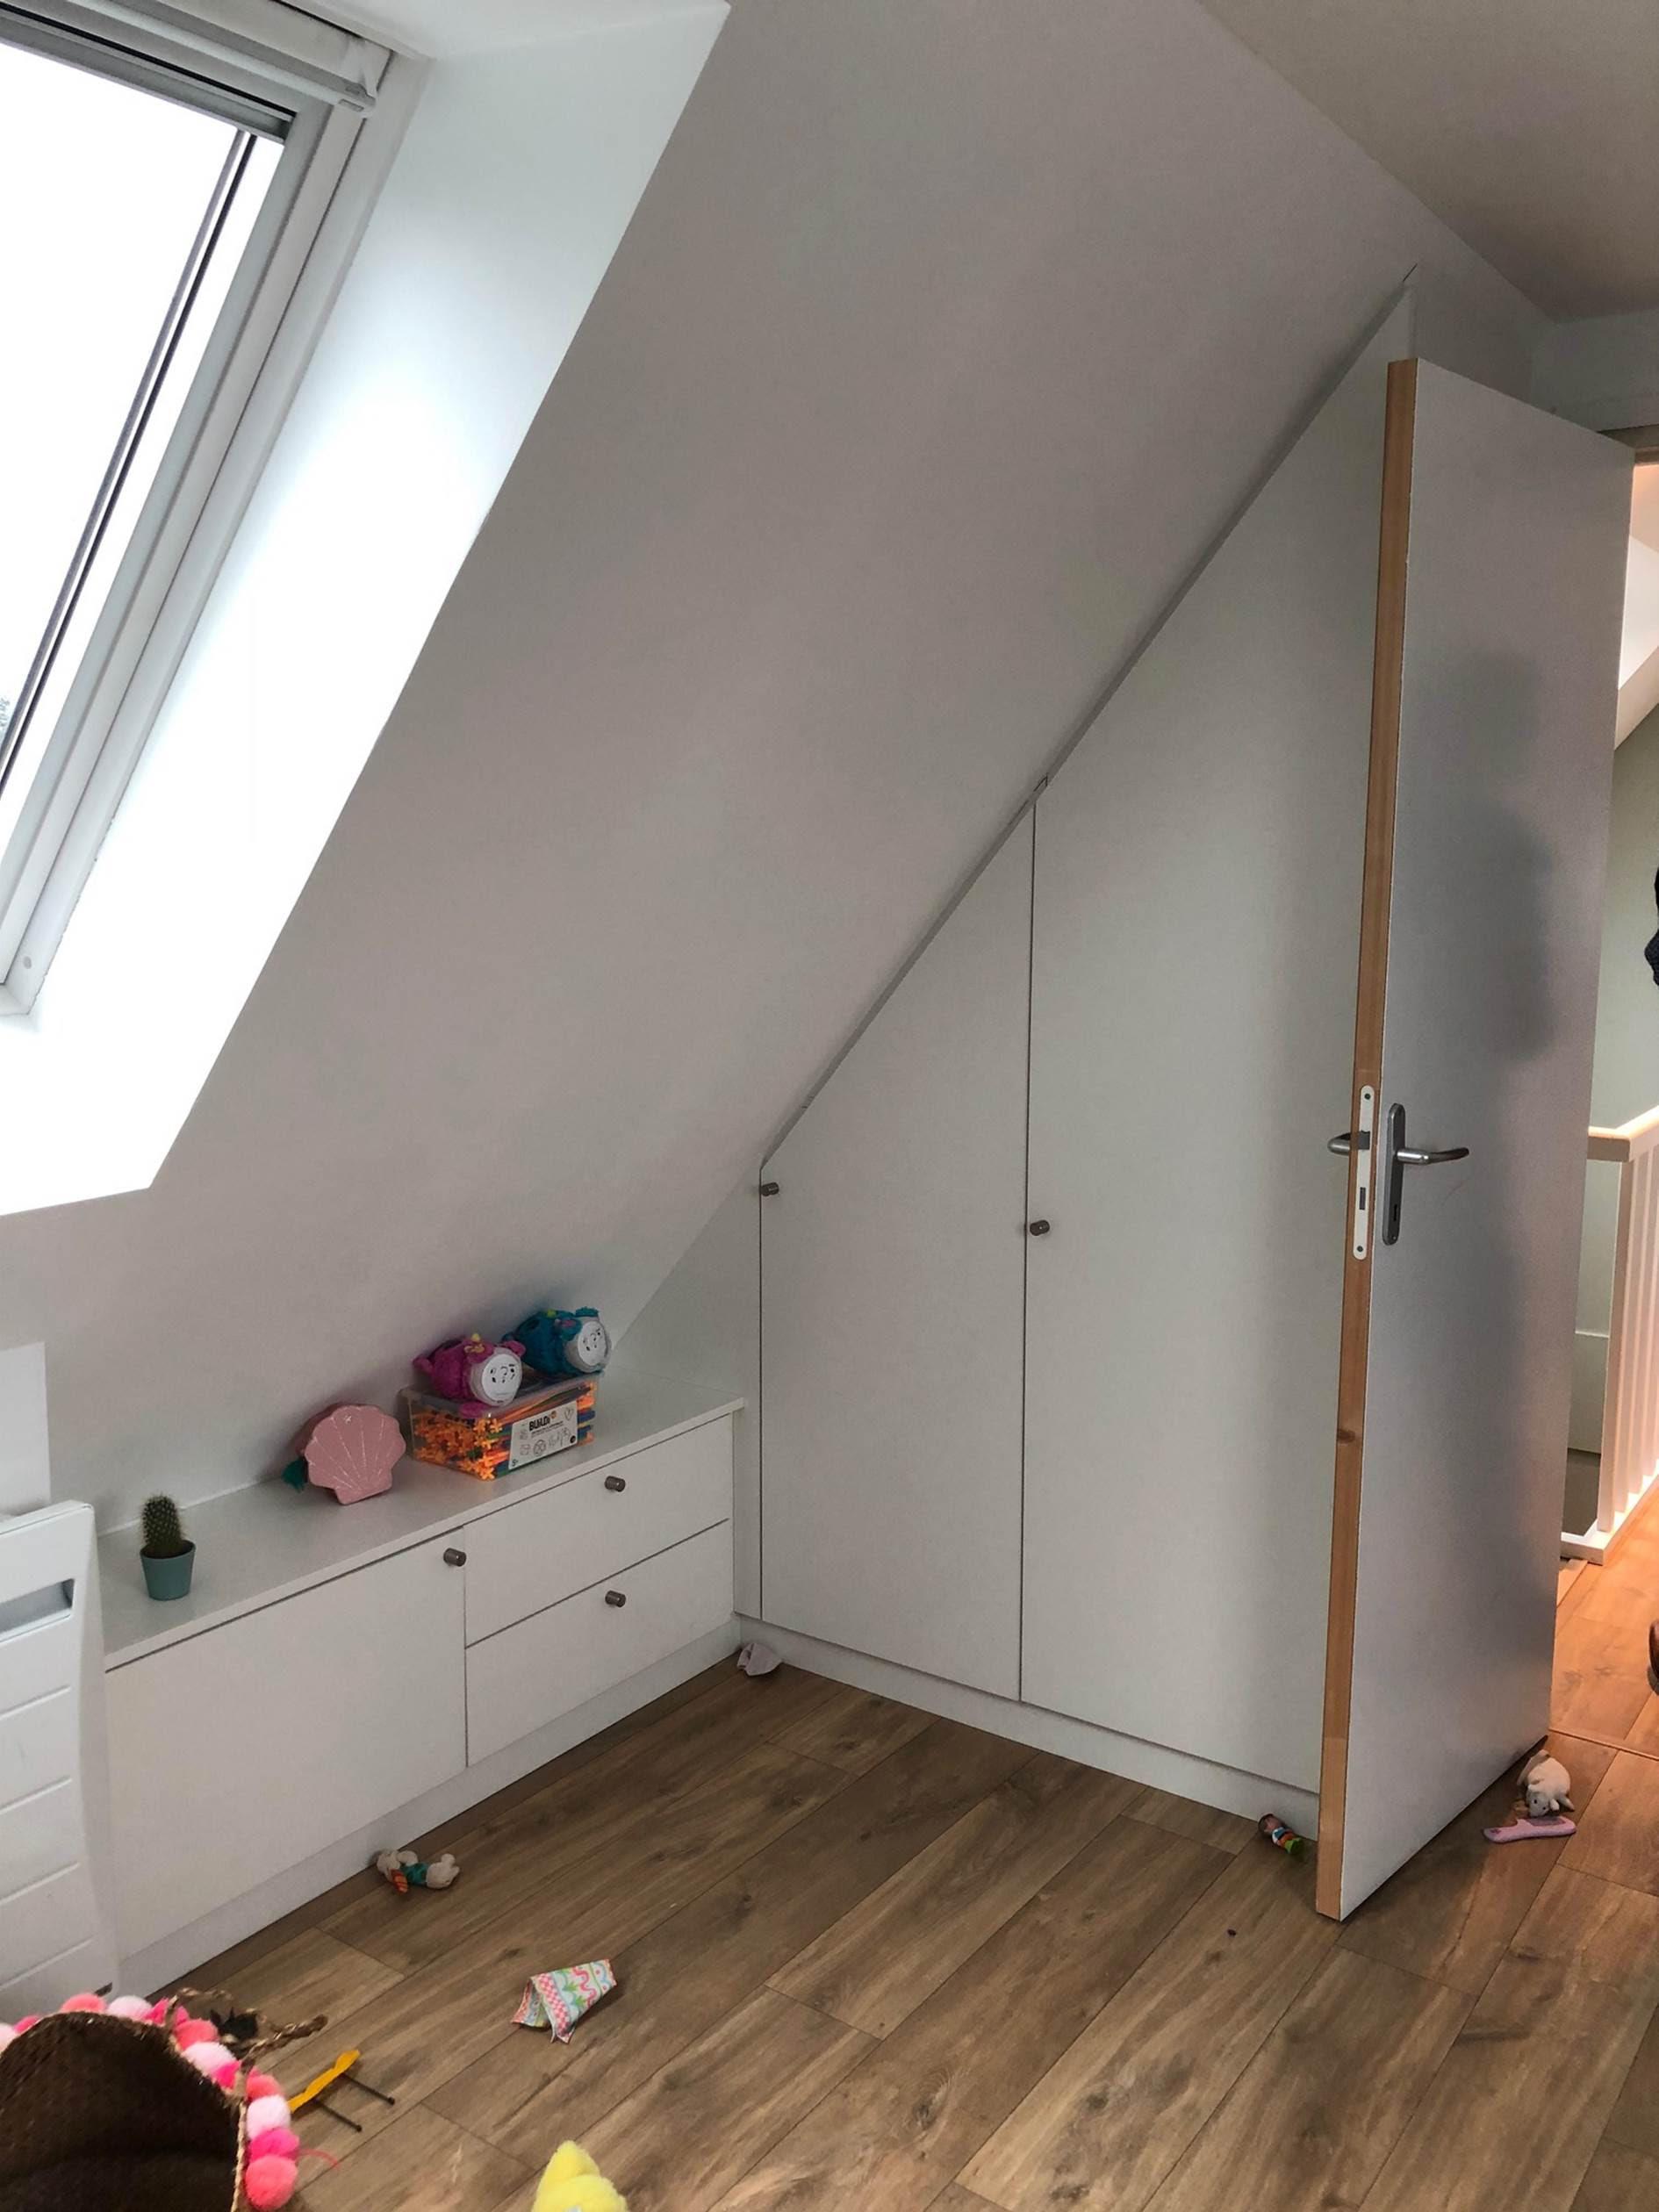 sur cette photo on voit un placard blanc installé dans une chambre en sous pente à Wambrechies mais d'un autre angle